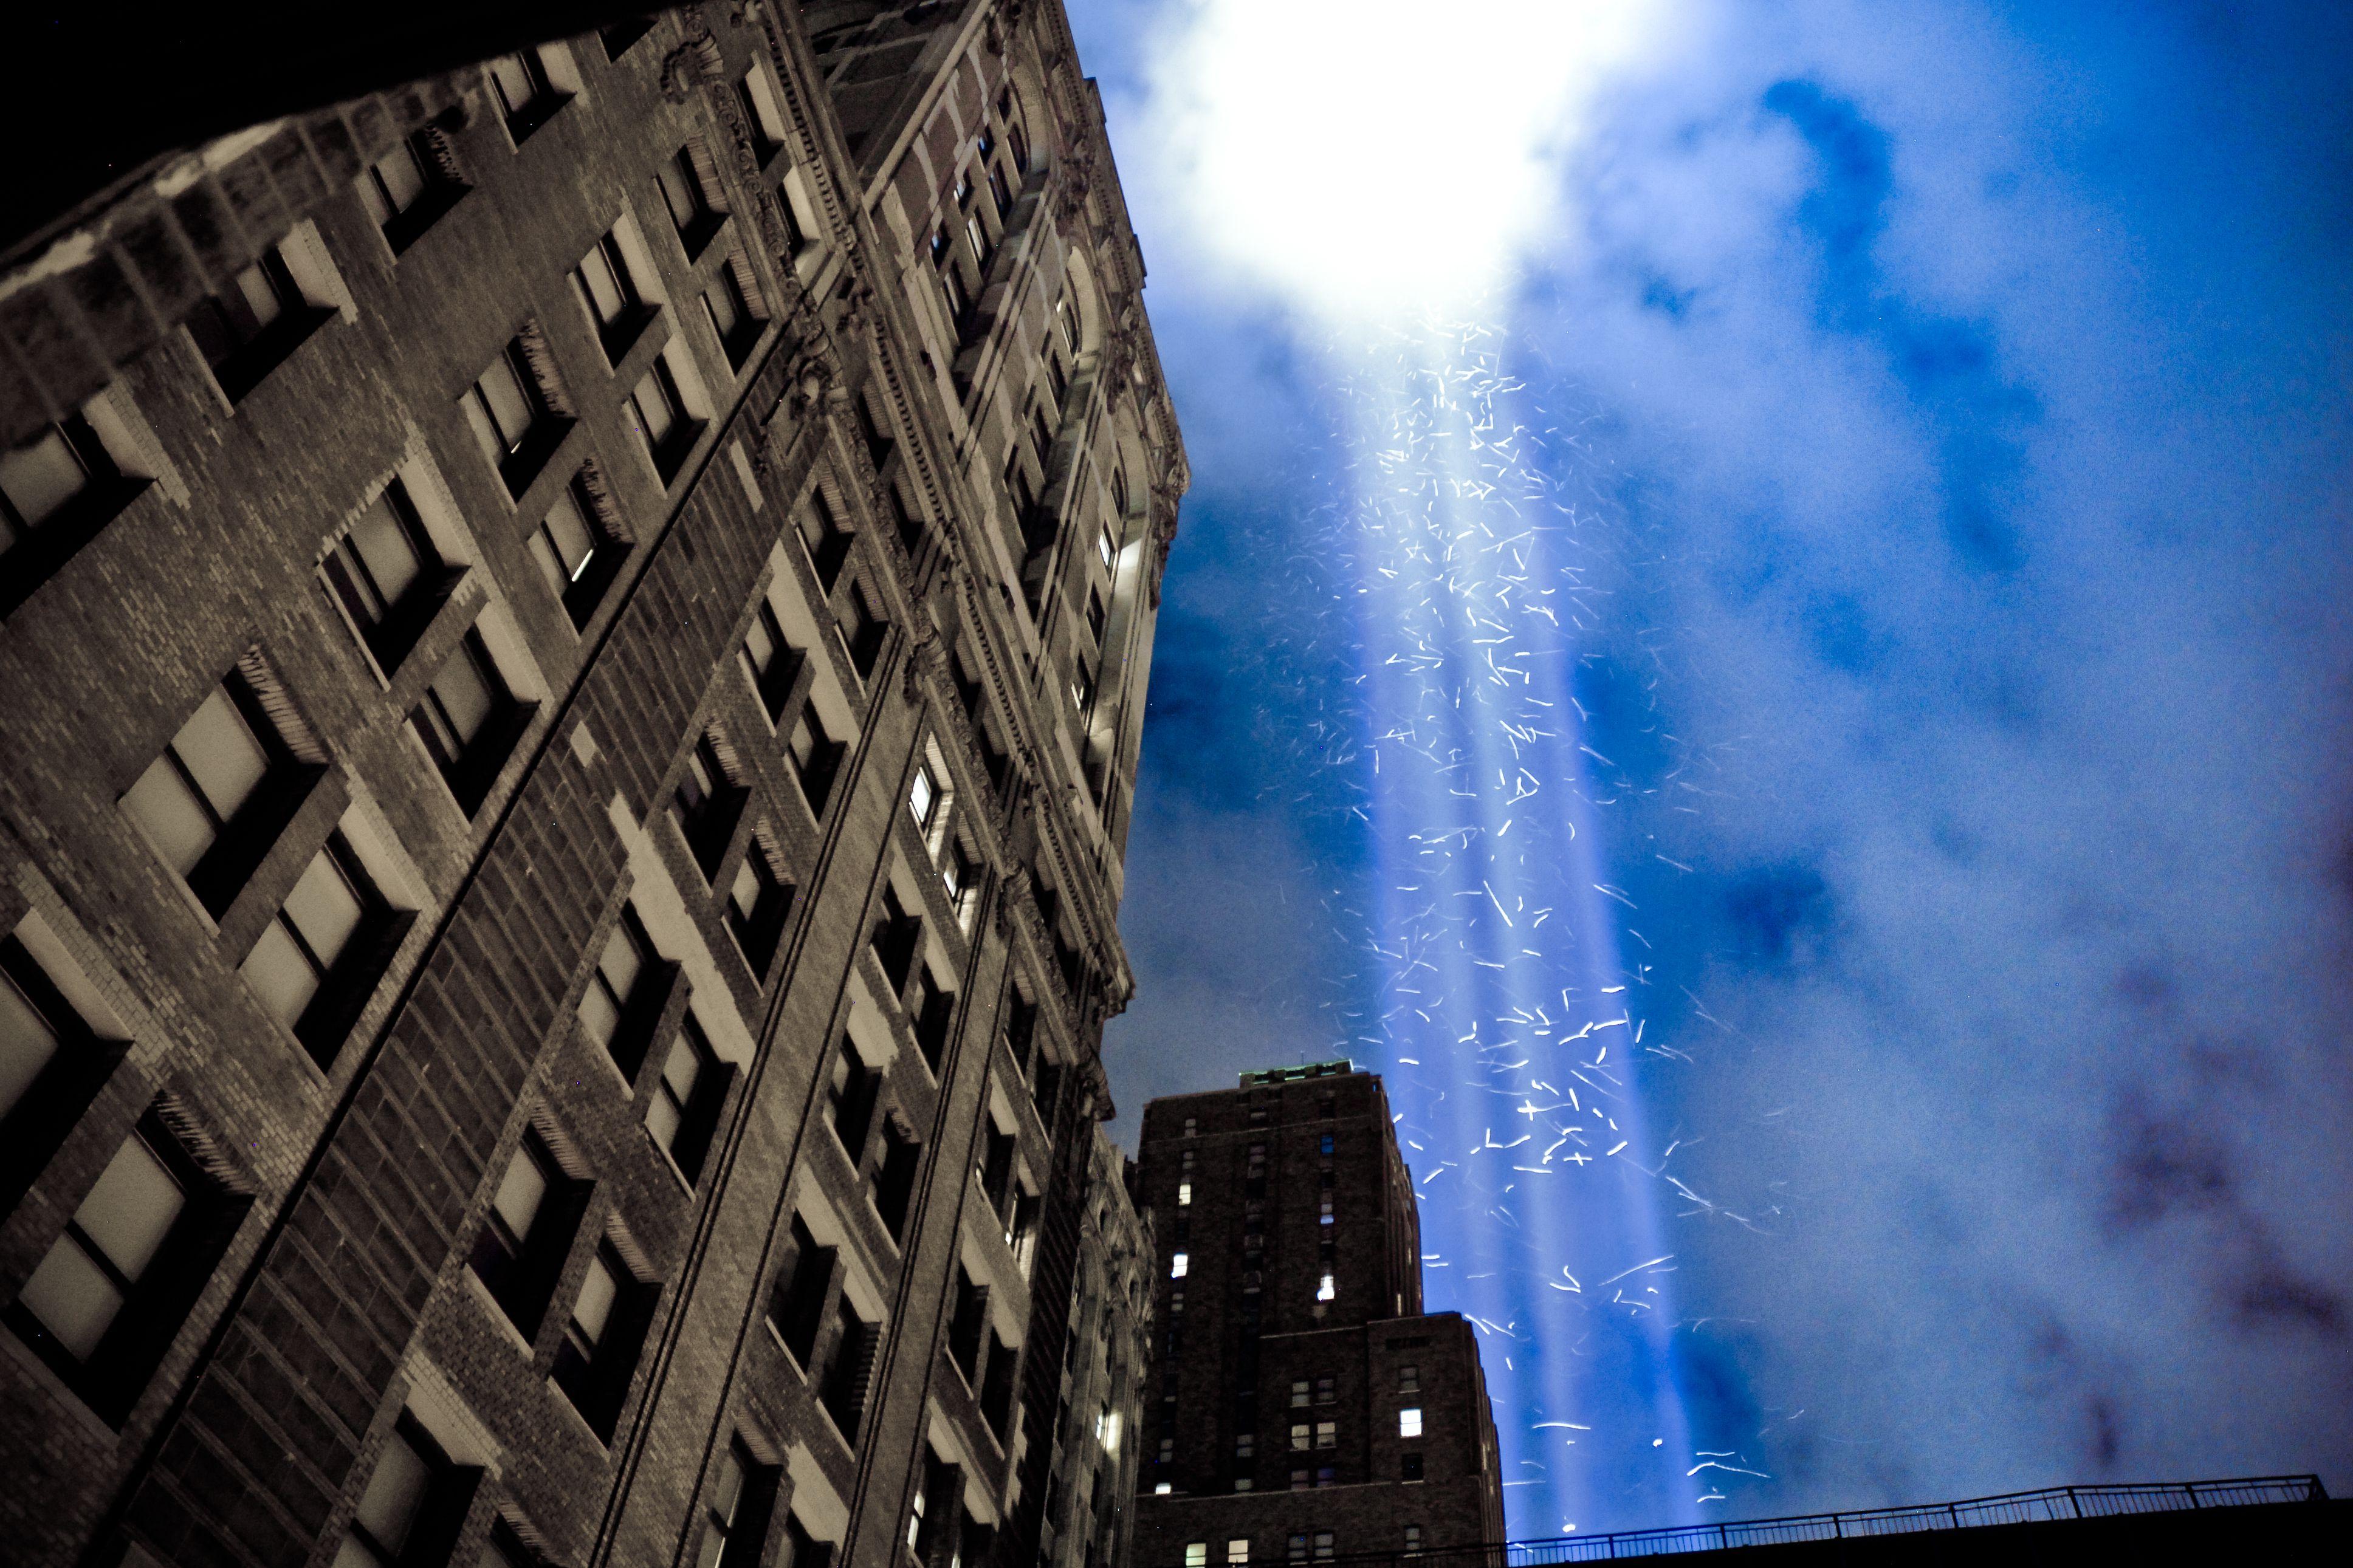 9/11 WTC Light Memorial